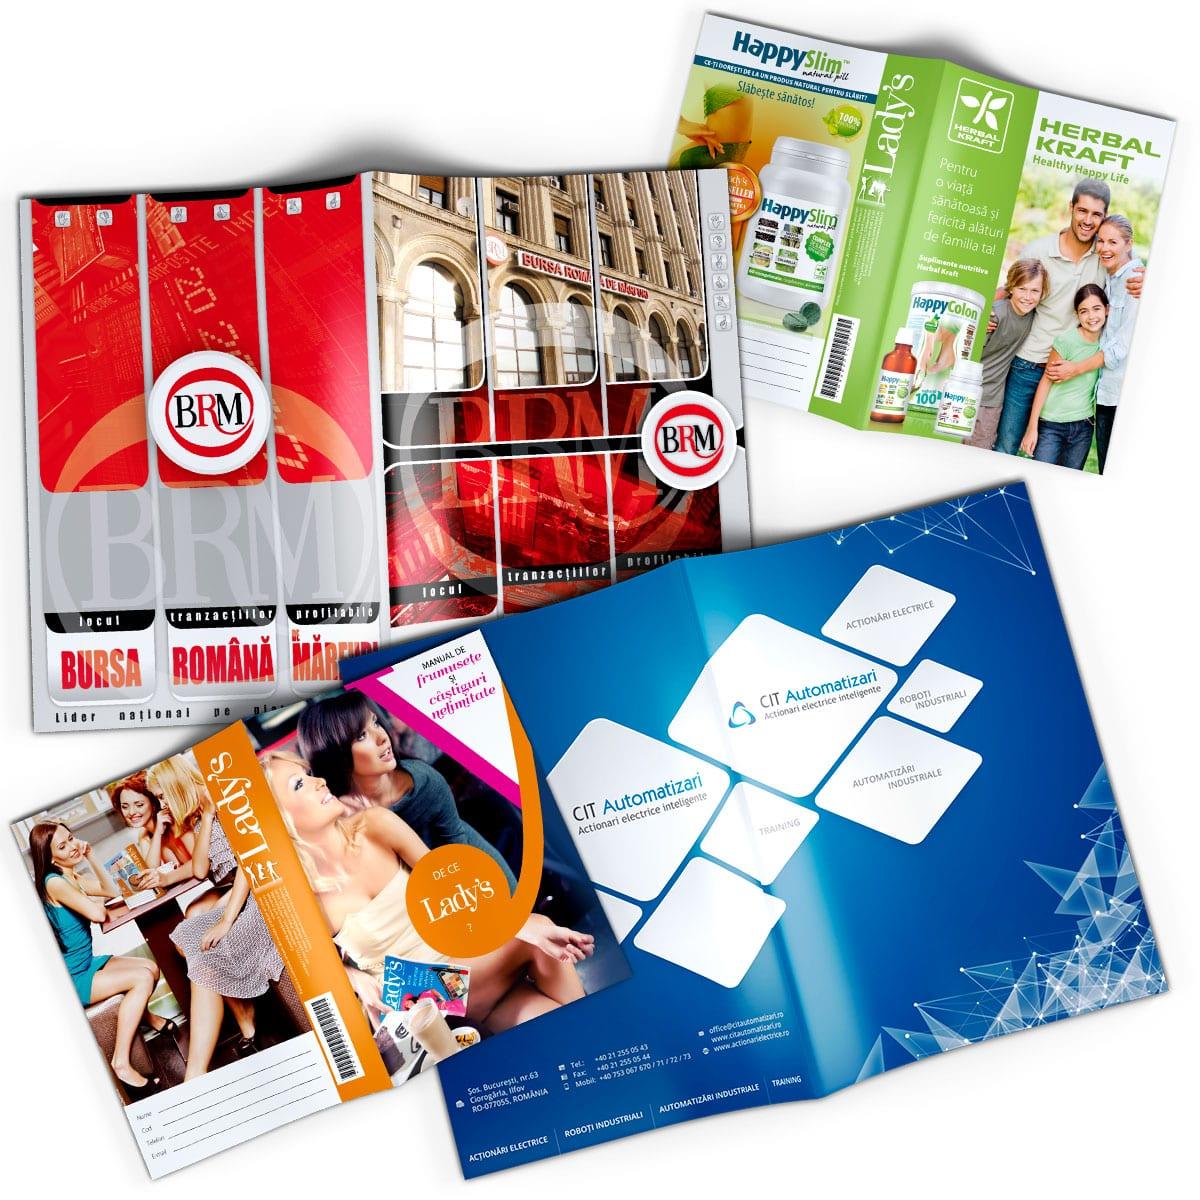 Broșurile realizate de noi au un design personalizat și unic pentru fiecare proiect, modern și atractiv